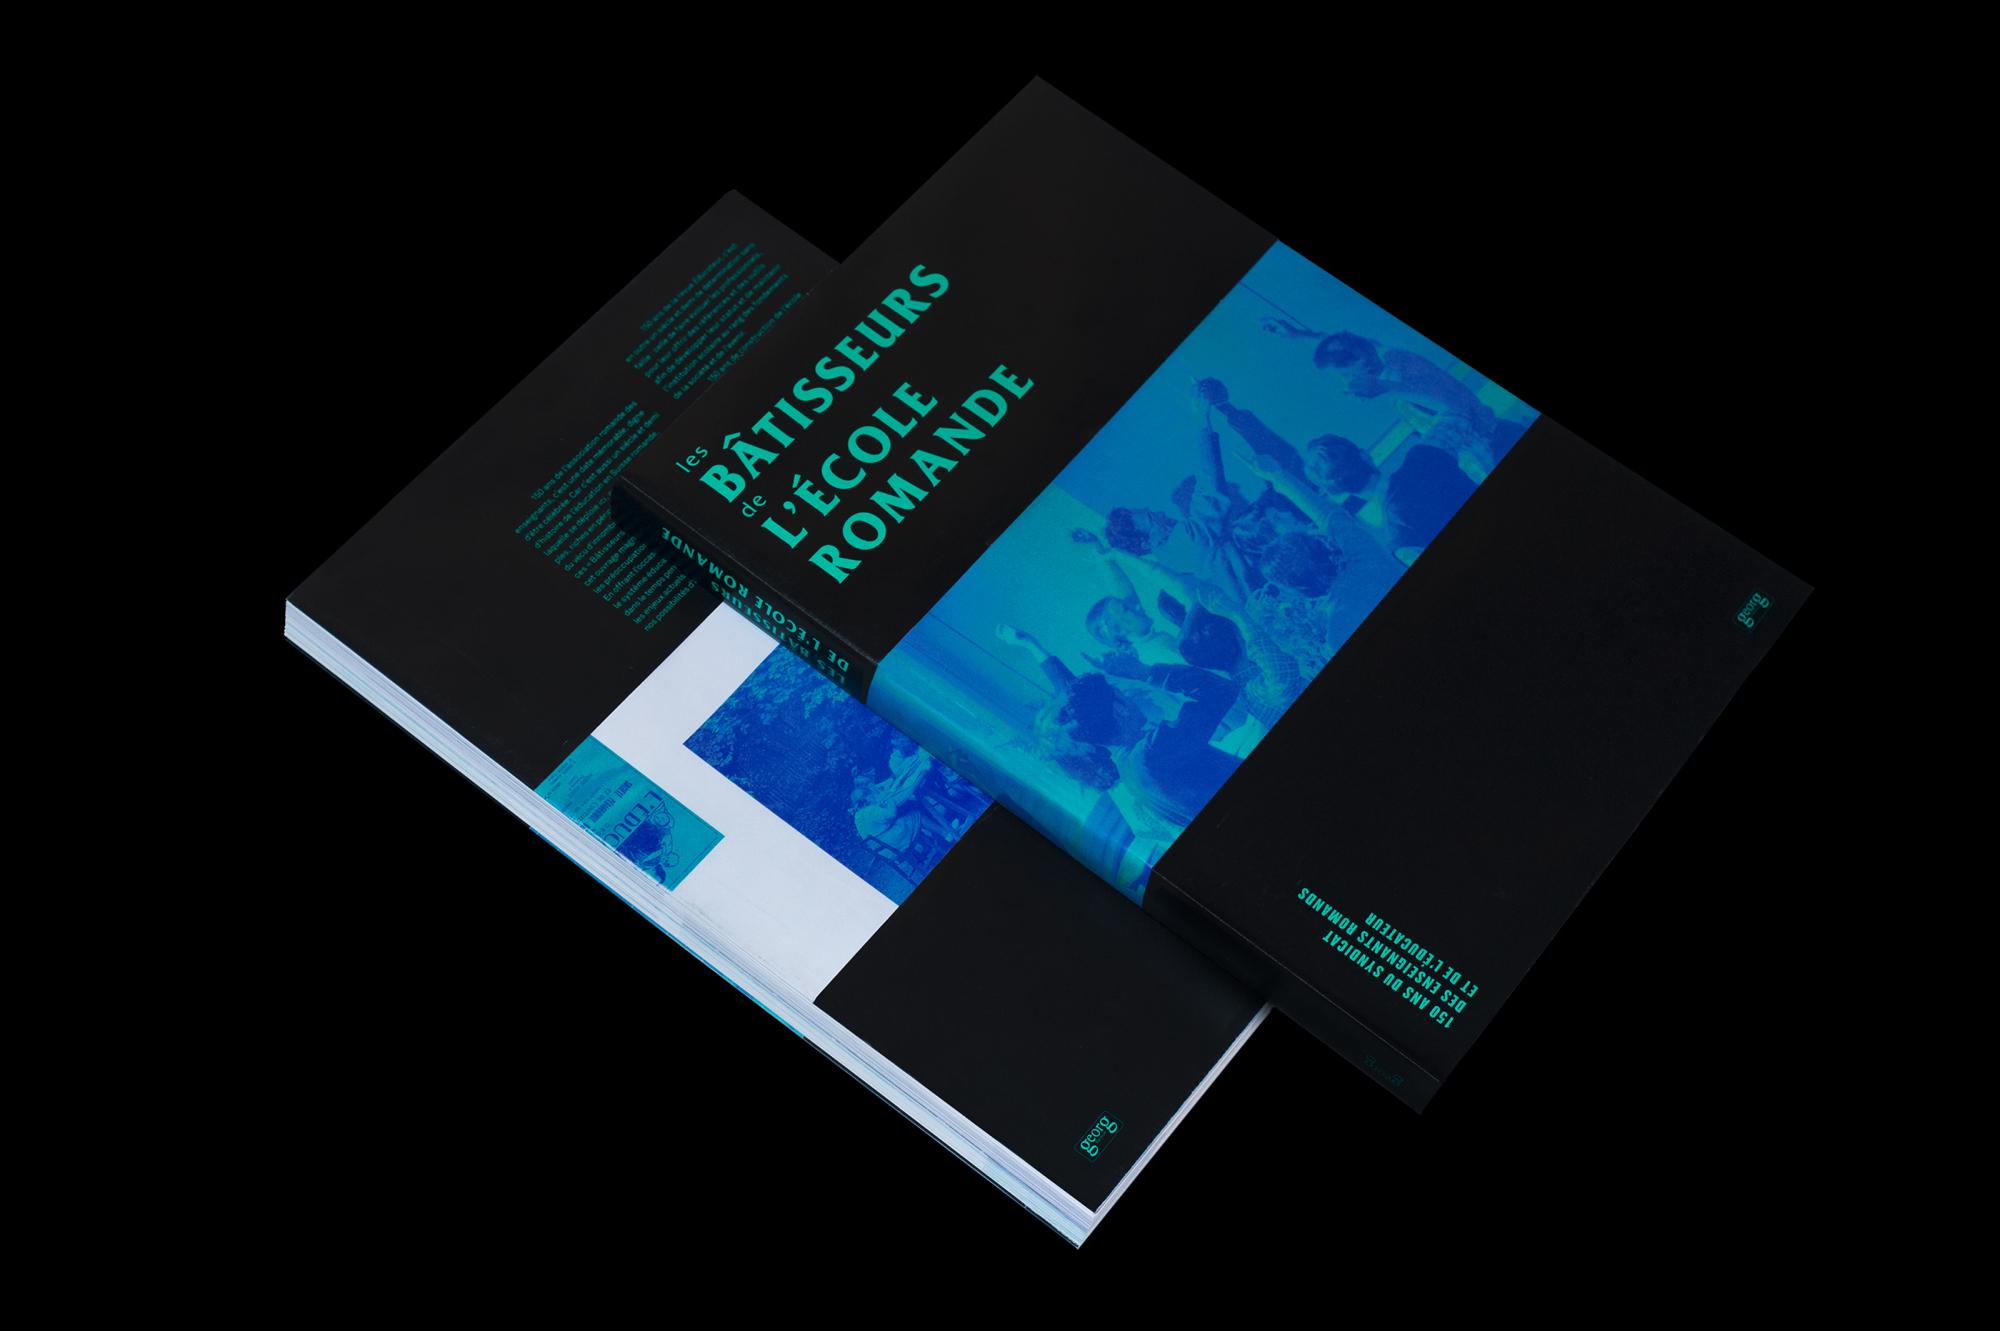 Graphisme Geneve graphic design graphique direction artistique  layaut mise en page édition livre book éducation suisse romande école enseignement éducateur éditions georg